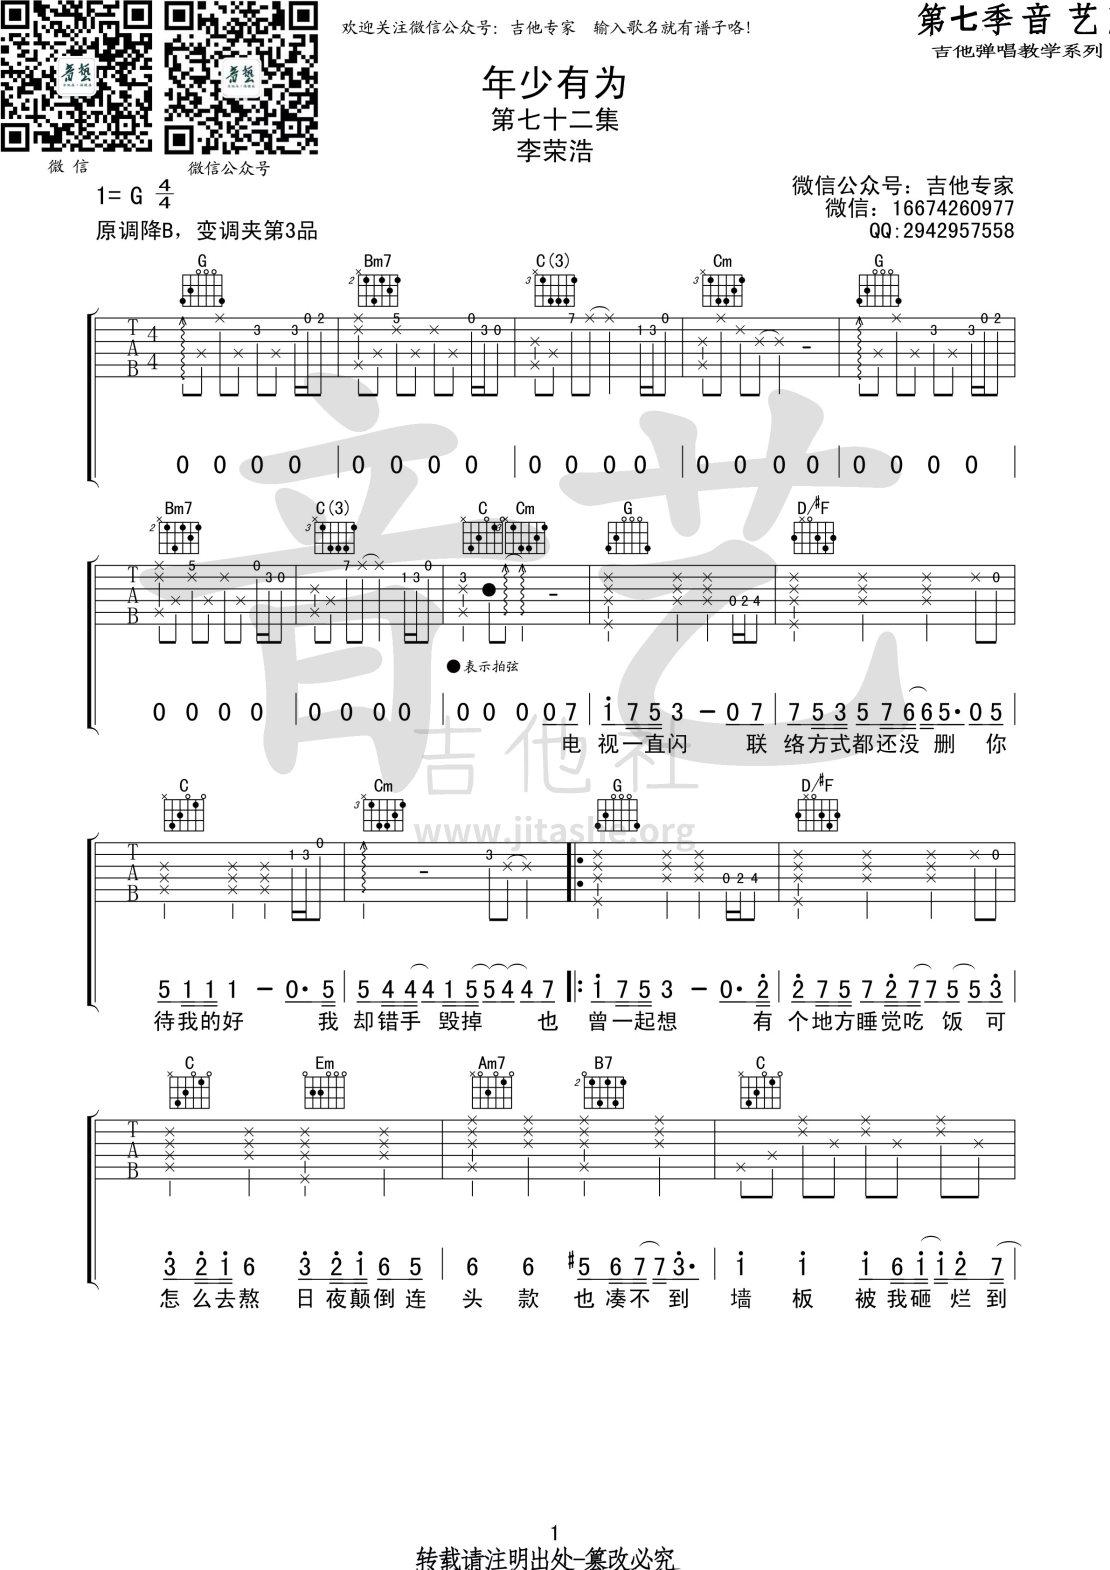 年少有为(音艺吉他弹唱教学:第七季第72集)吉他谱(图片谱,弹唱,伴奏,音艺吉他弹唱教学)_李荣浩_年少有为1 第七季第七十二集.jpg